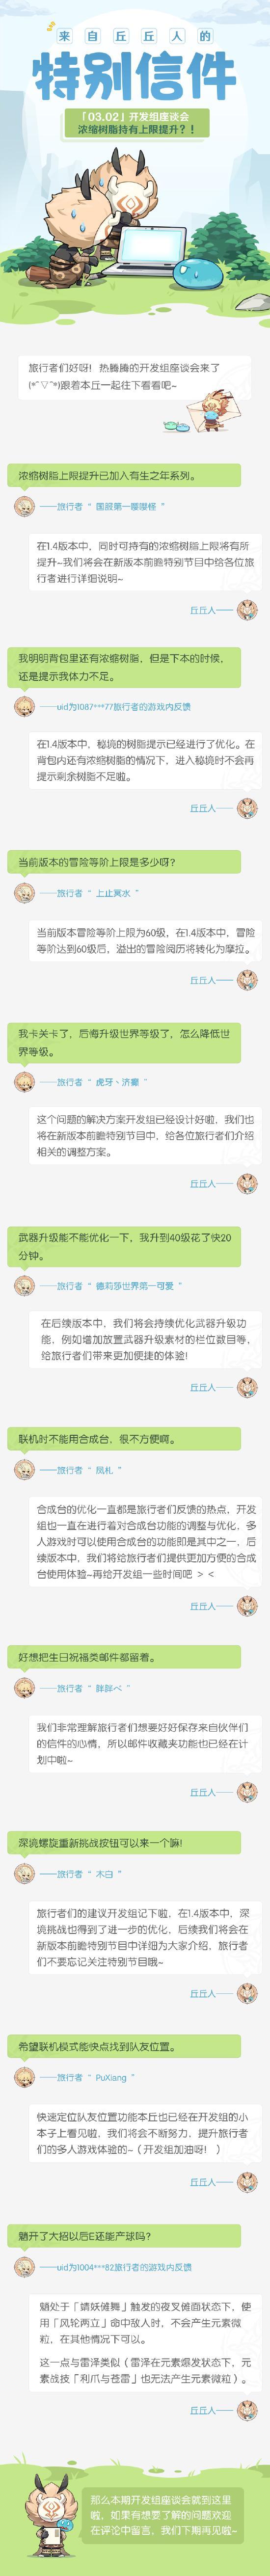 原神3.02开发组座谈会―开发组问答新鲜出炉!